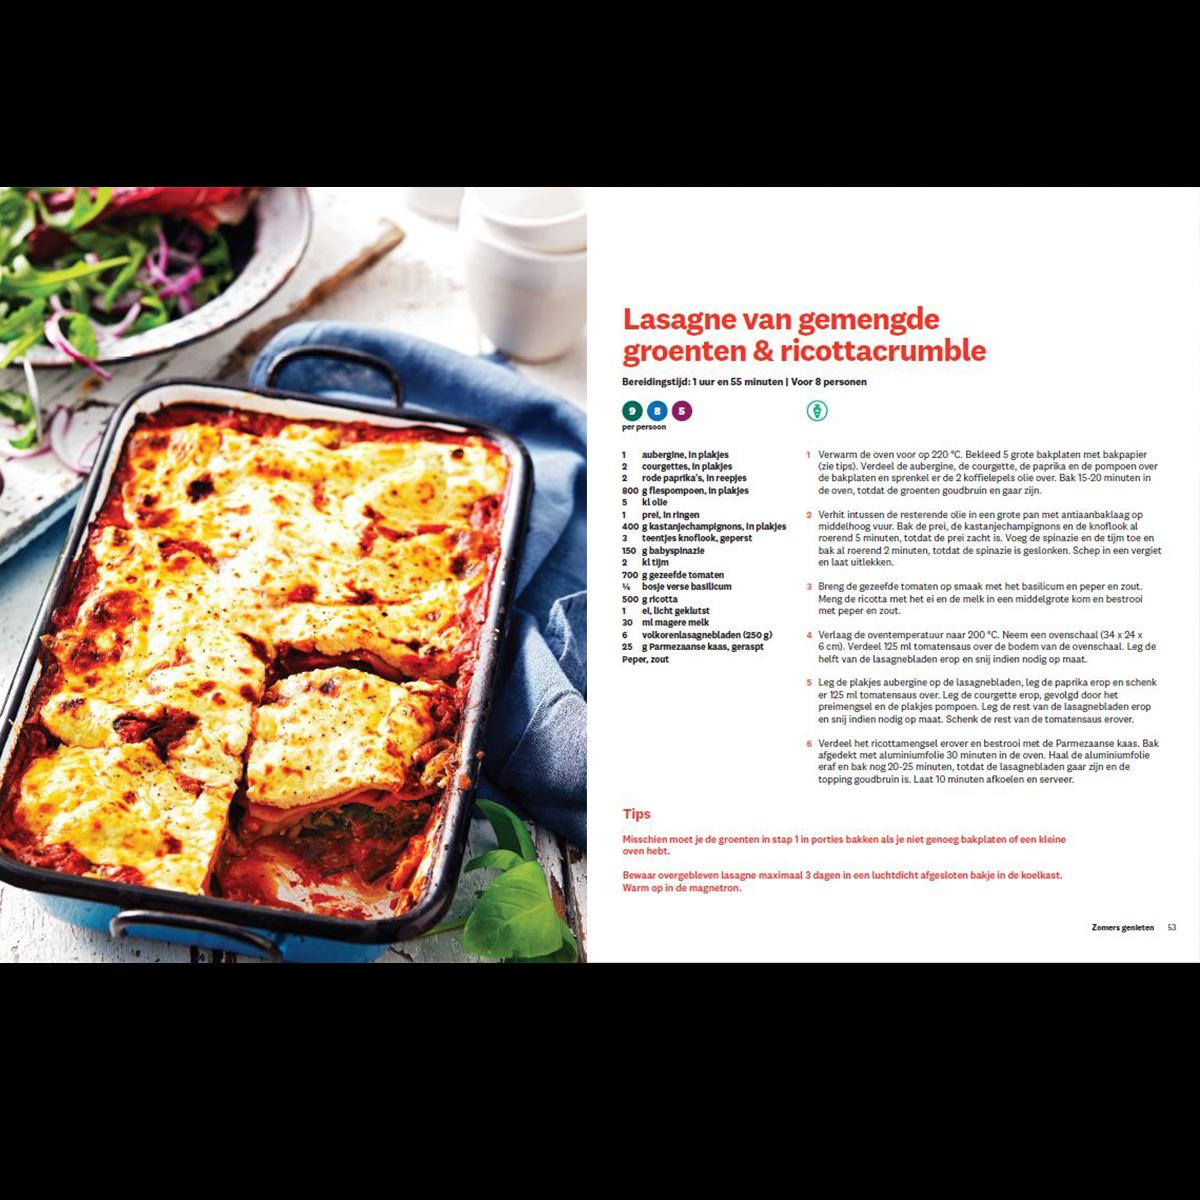 Zomers genieten lasagne van gemengde groenten & ricottacrumble